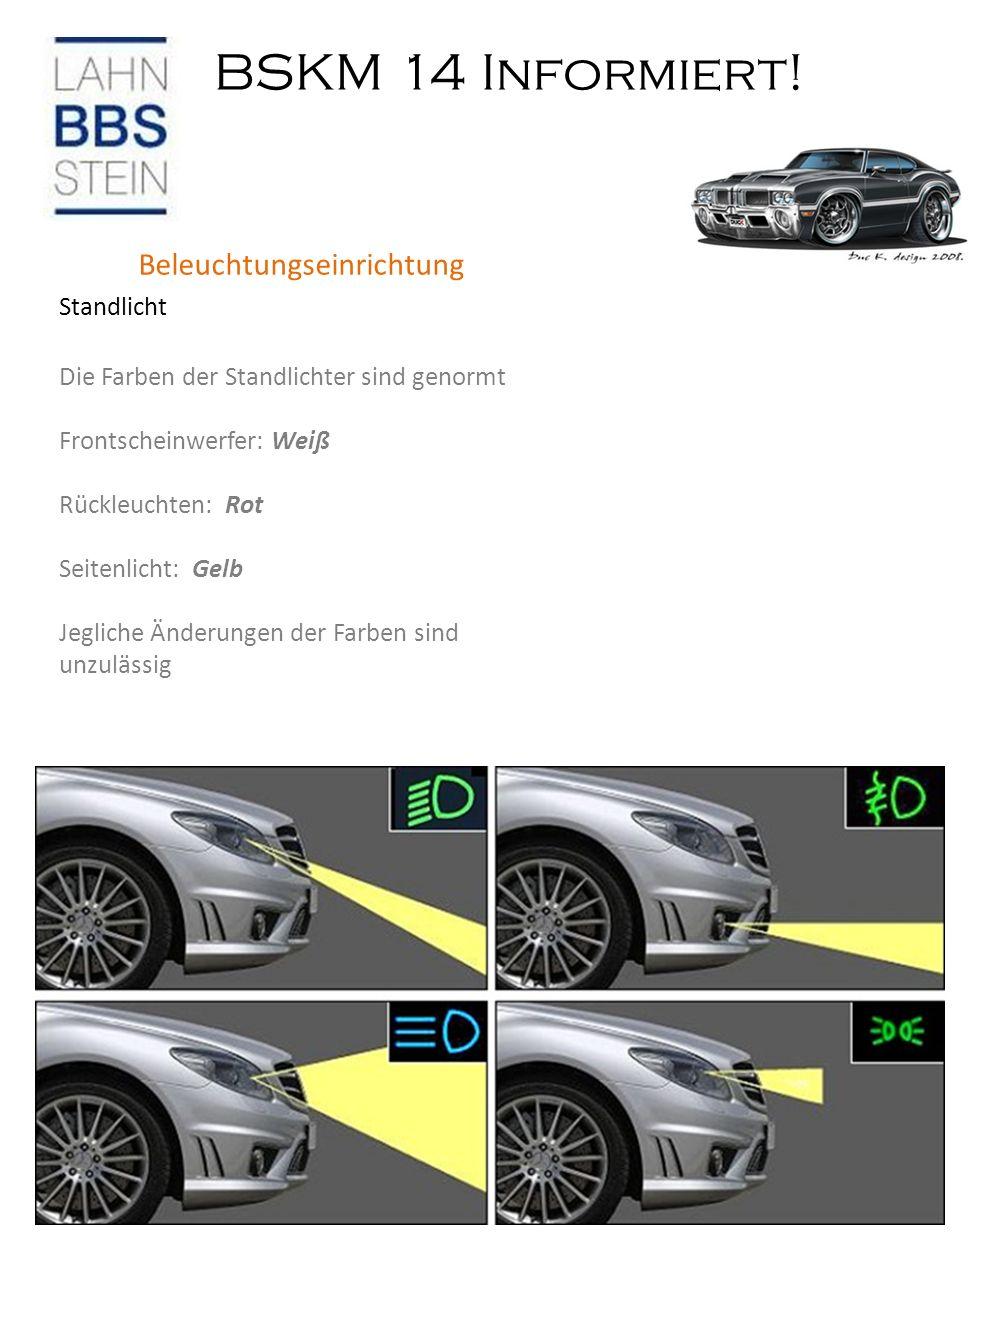 BSKM 14 Informiert! Bremsflüssigkeit Beleuchtungseinrichtung Standlicht Die Farben der Standlichter sind genormt Frontscheinwerfer: Weiß Rückleuchten: